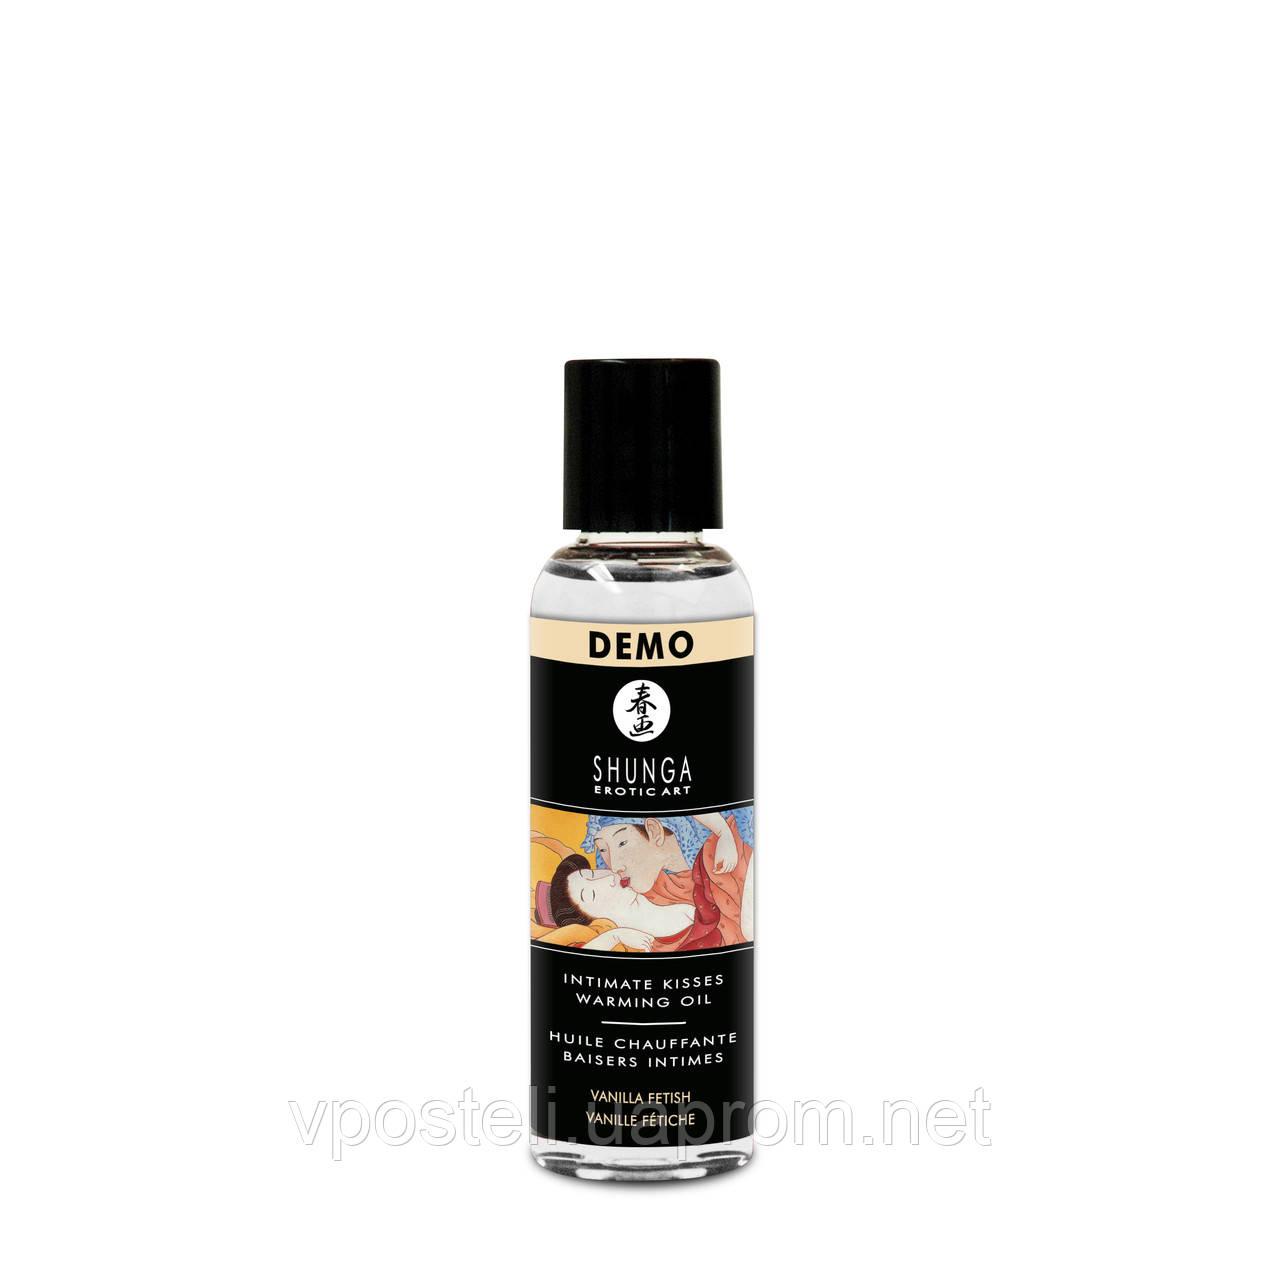 Масло согревающее для оральных ласк с ароматом ванили, Shunga, 60 мл